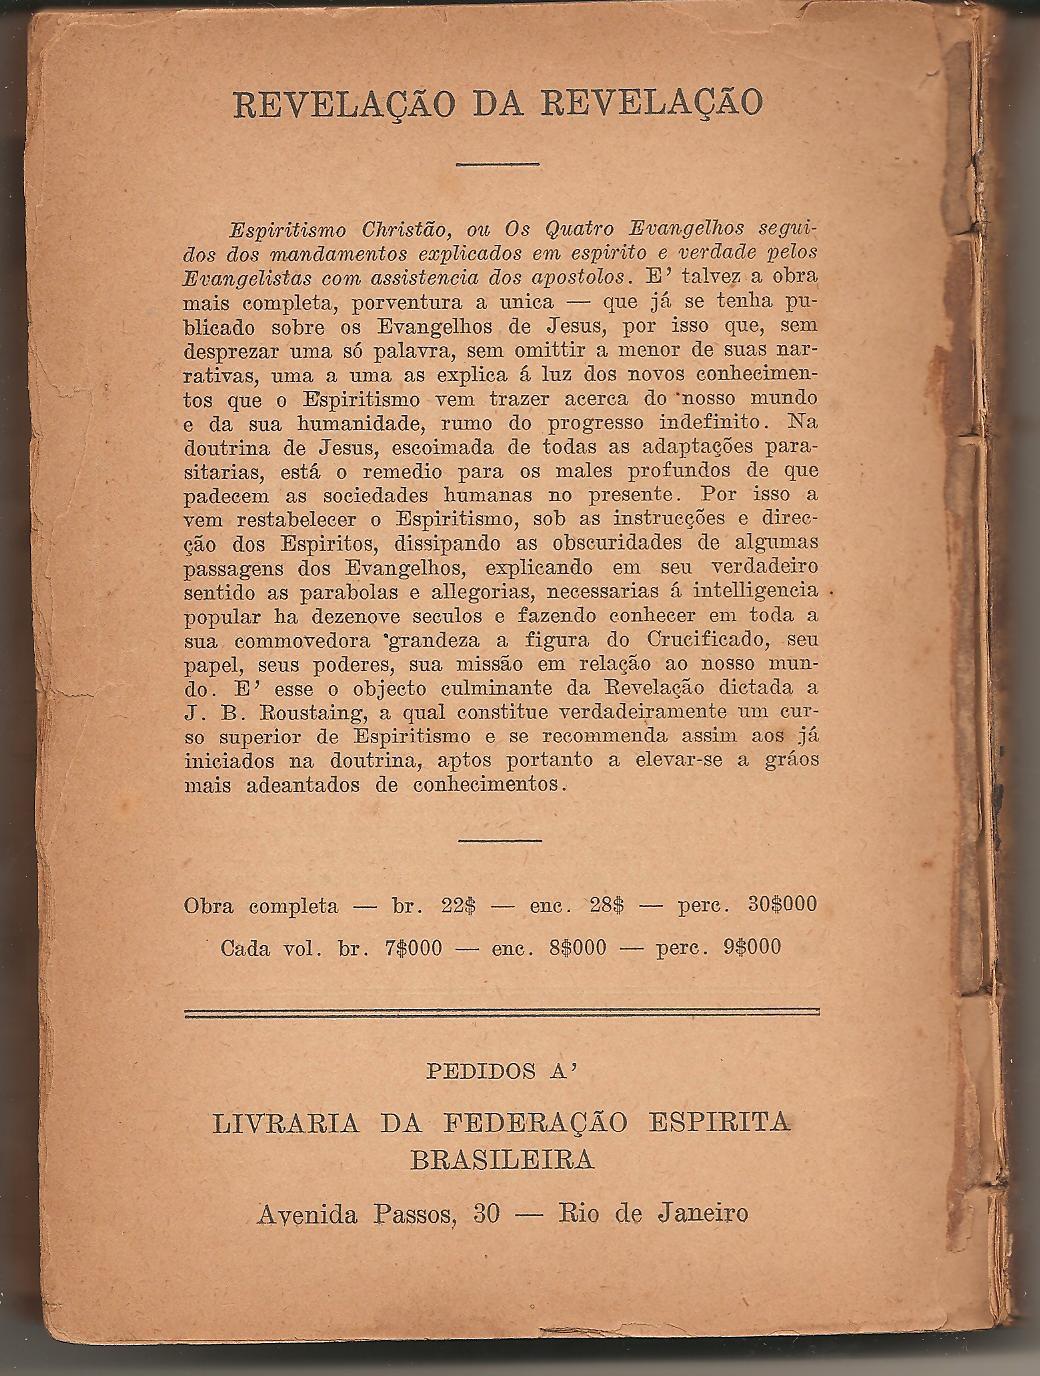 Propaganda de Os Quatro Evangelhos.